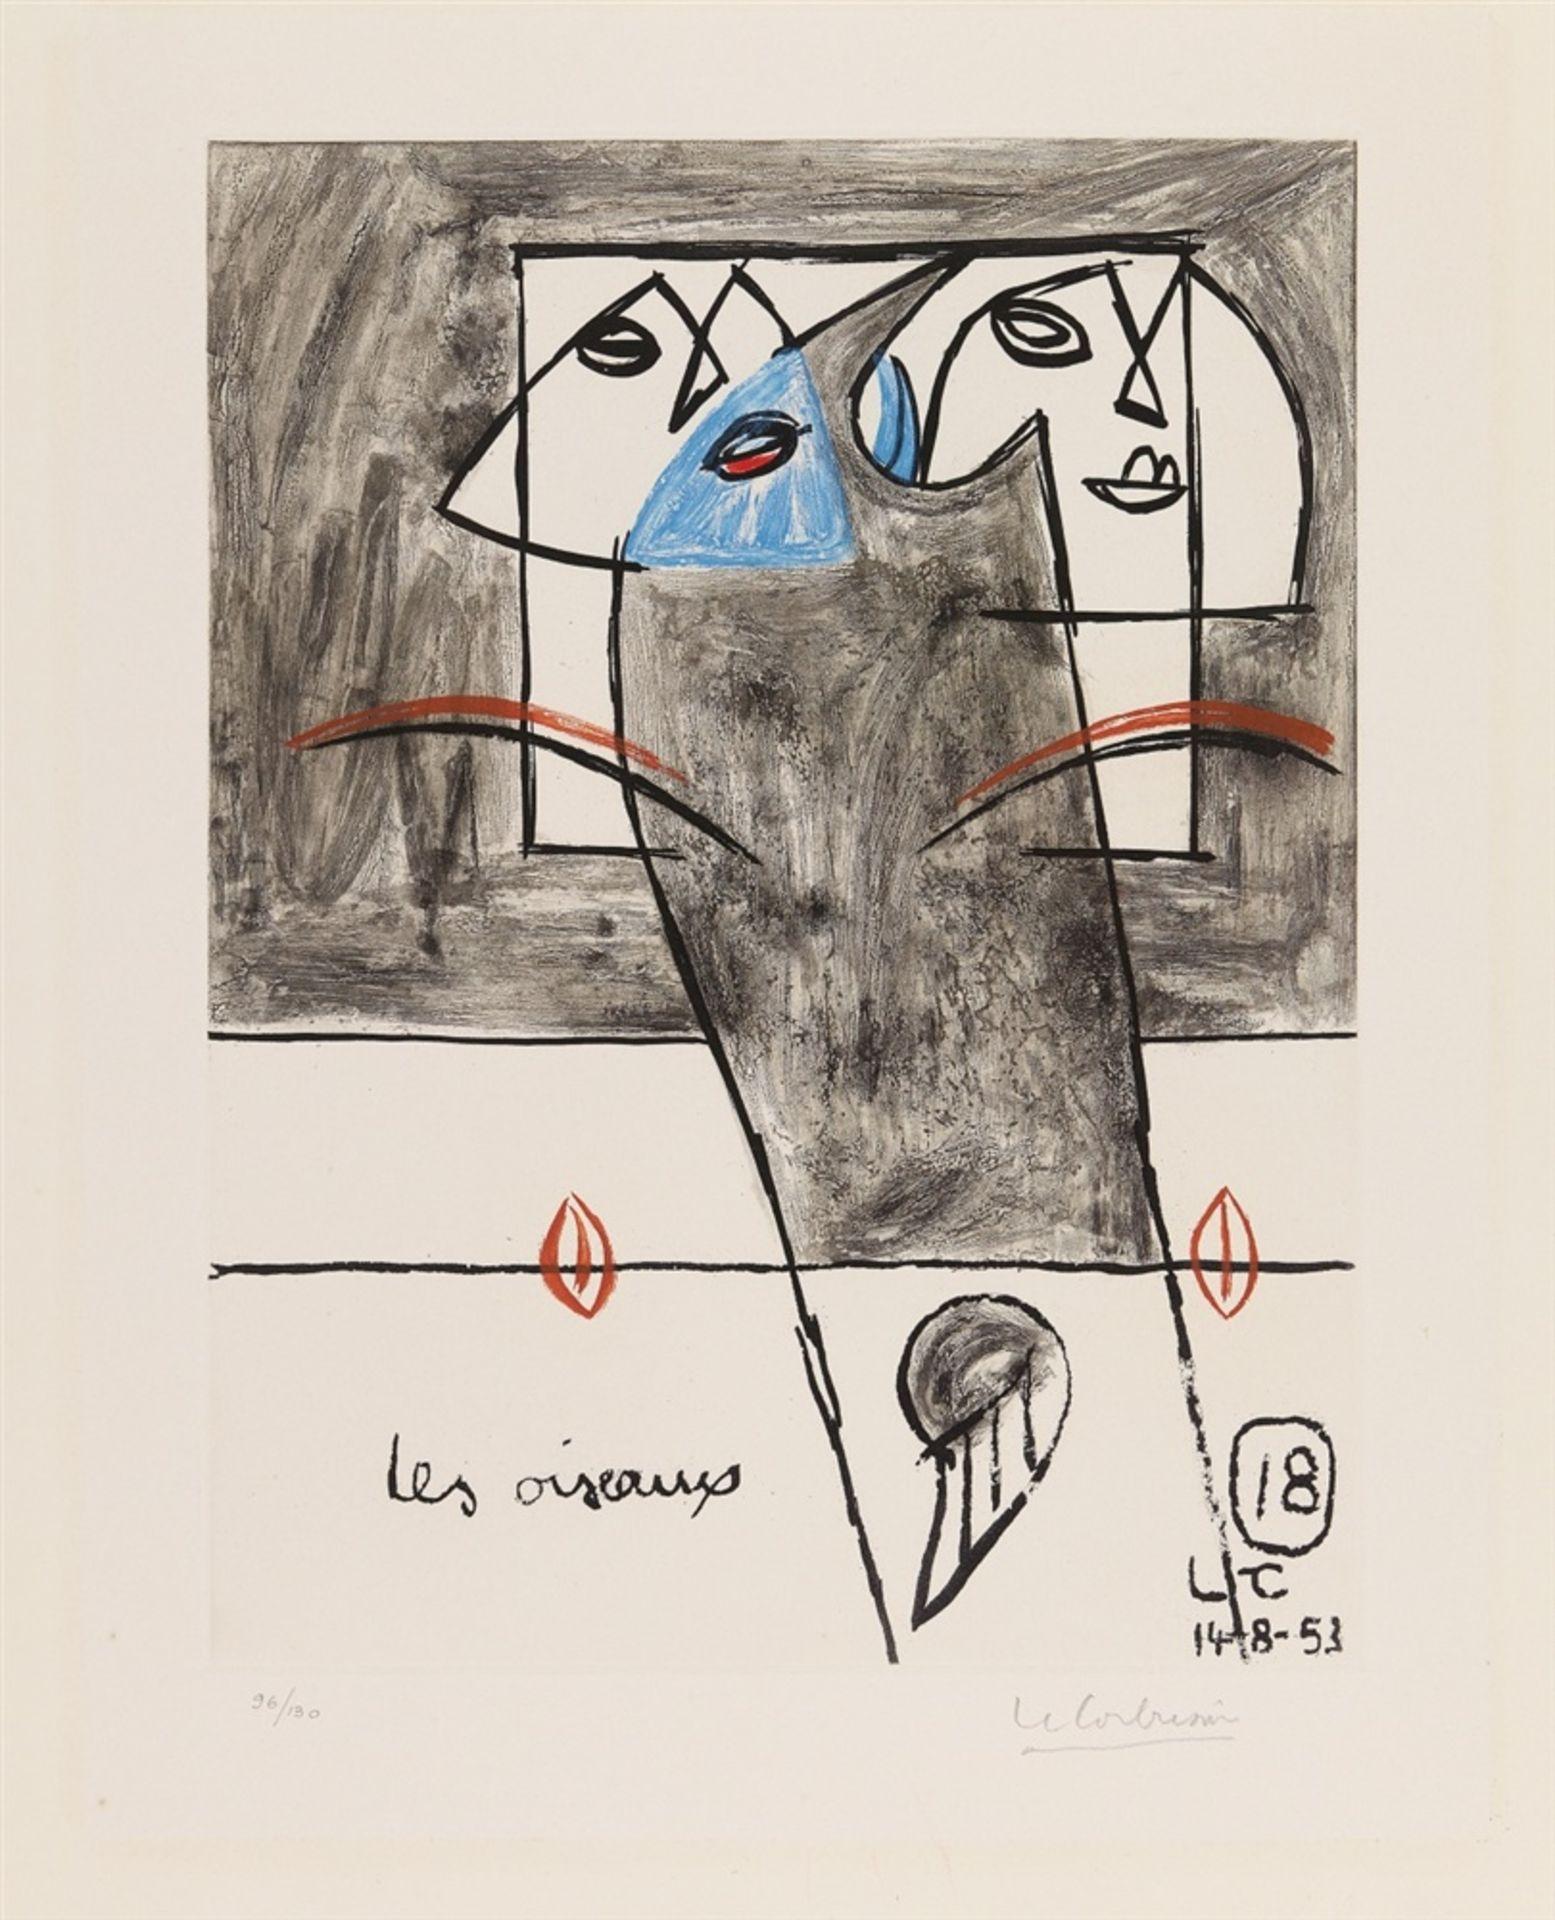 Le Corbusier (Charles-Édouard Jeanneret)Unité - Bild 6 aus 27